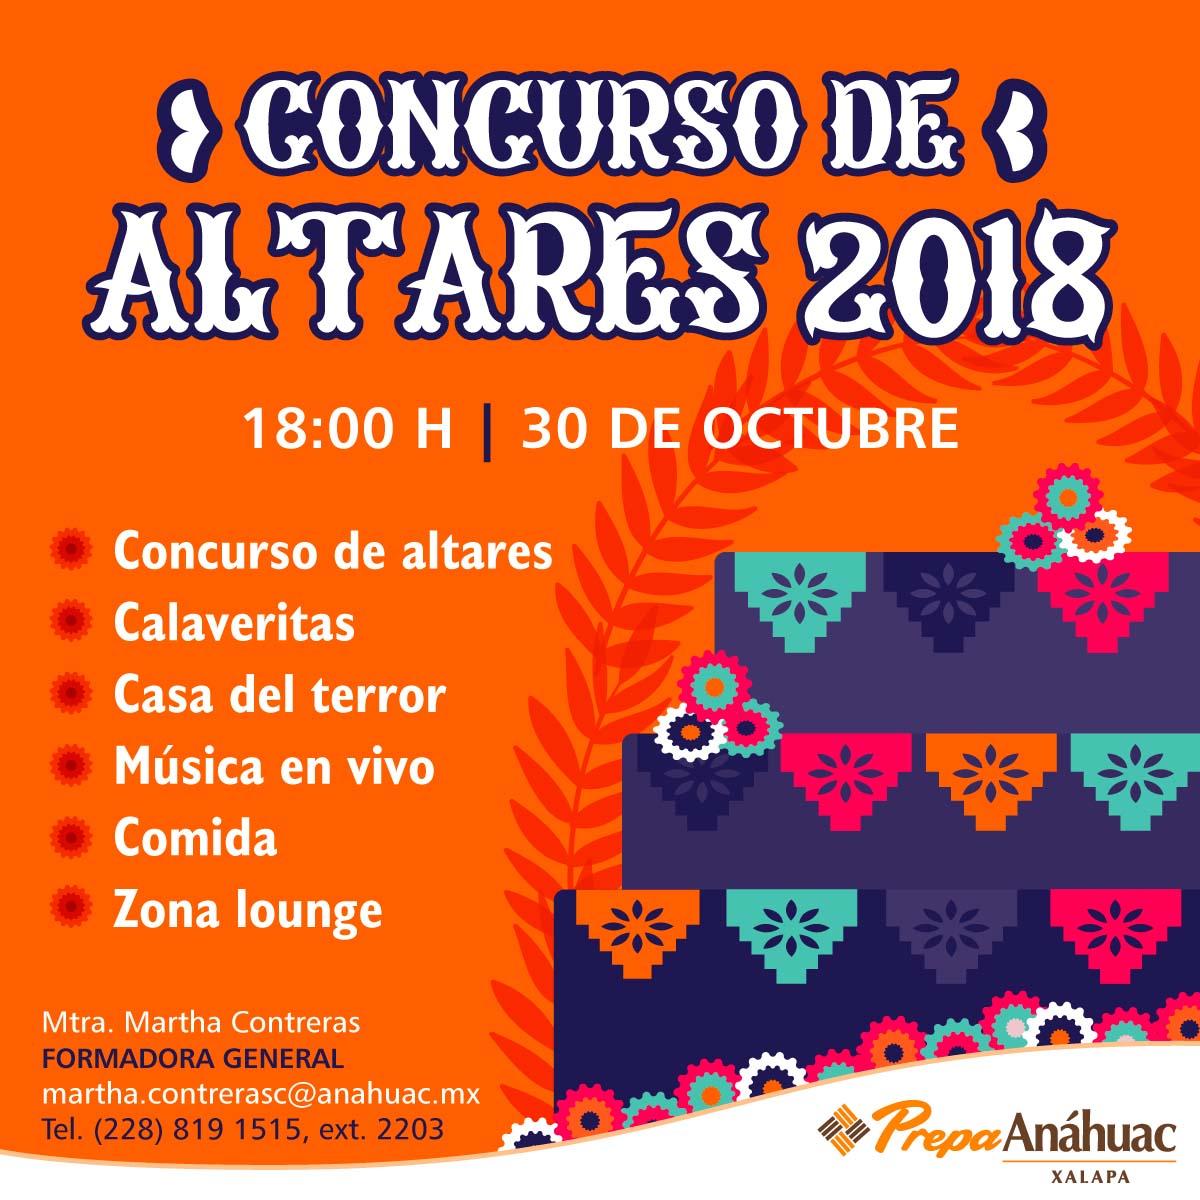 Concurso de Altares 2018